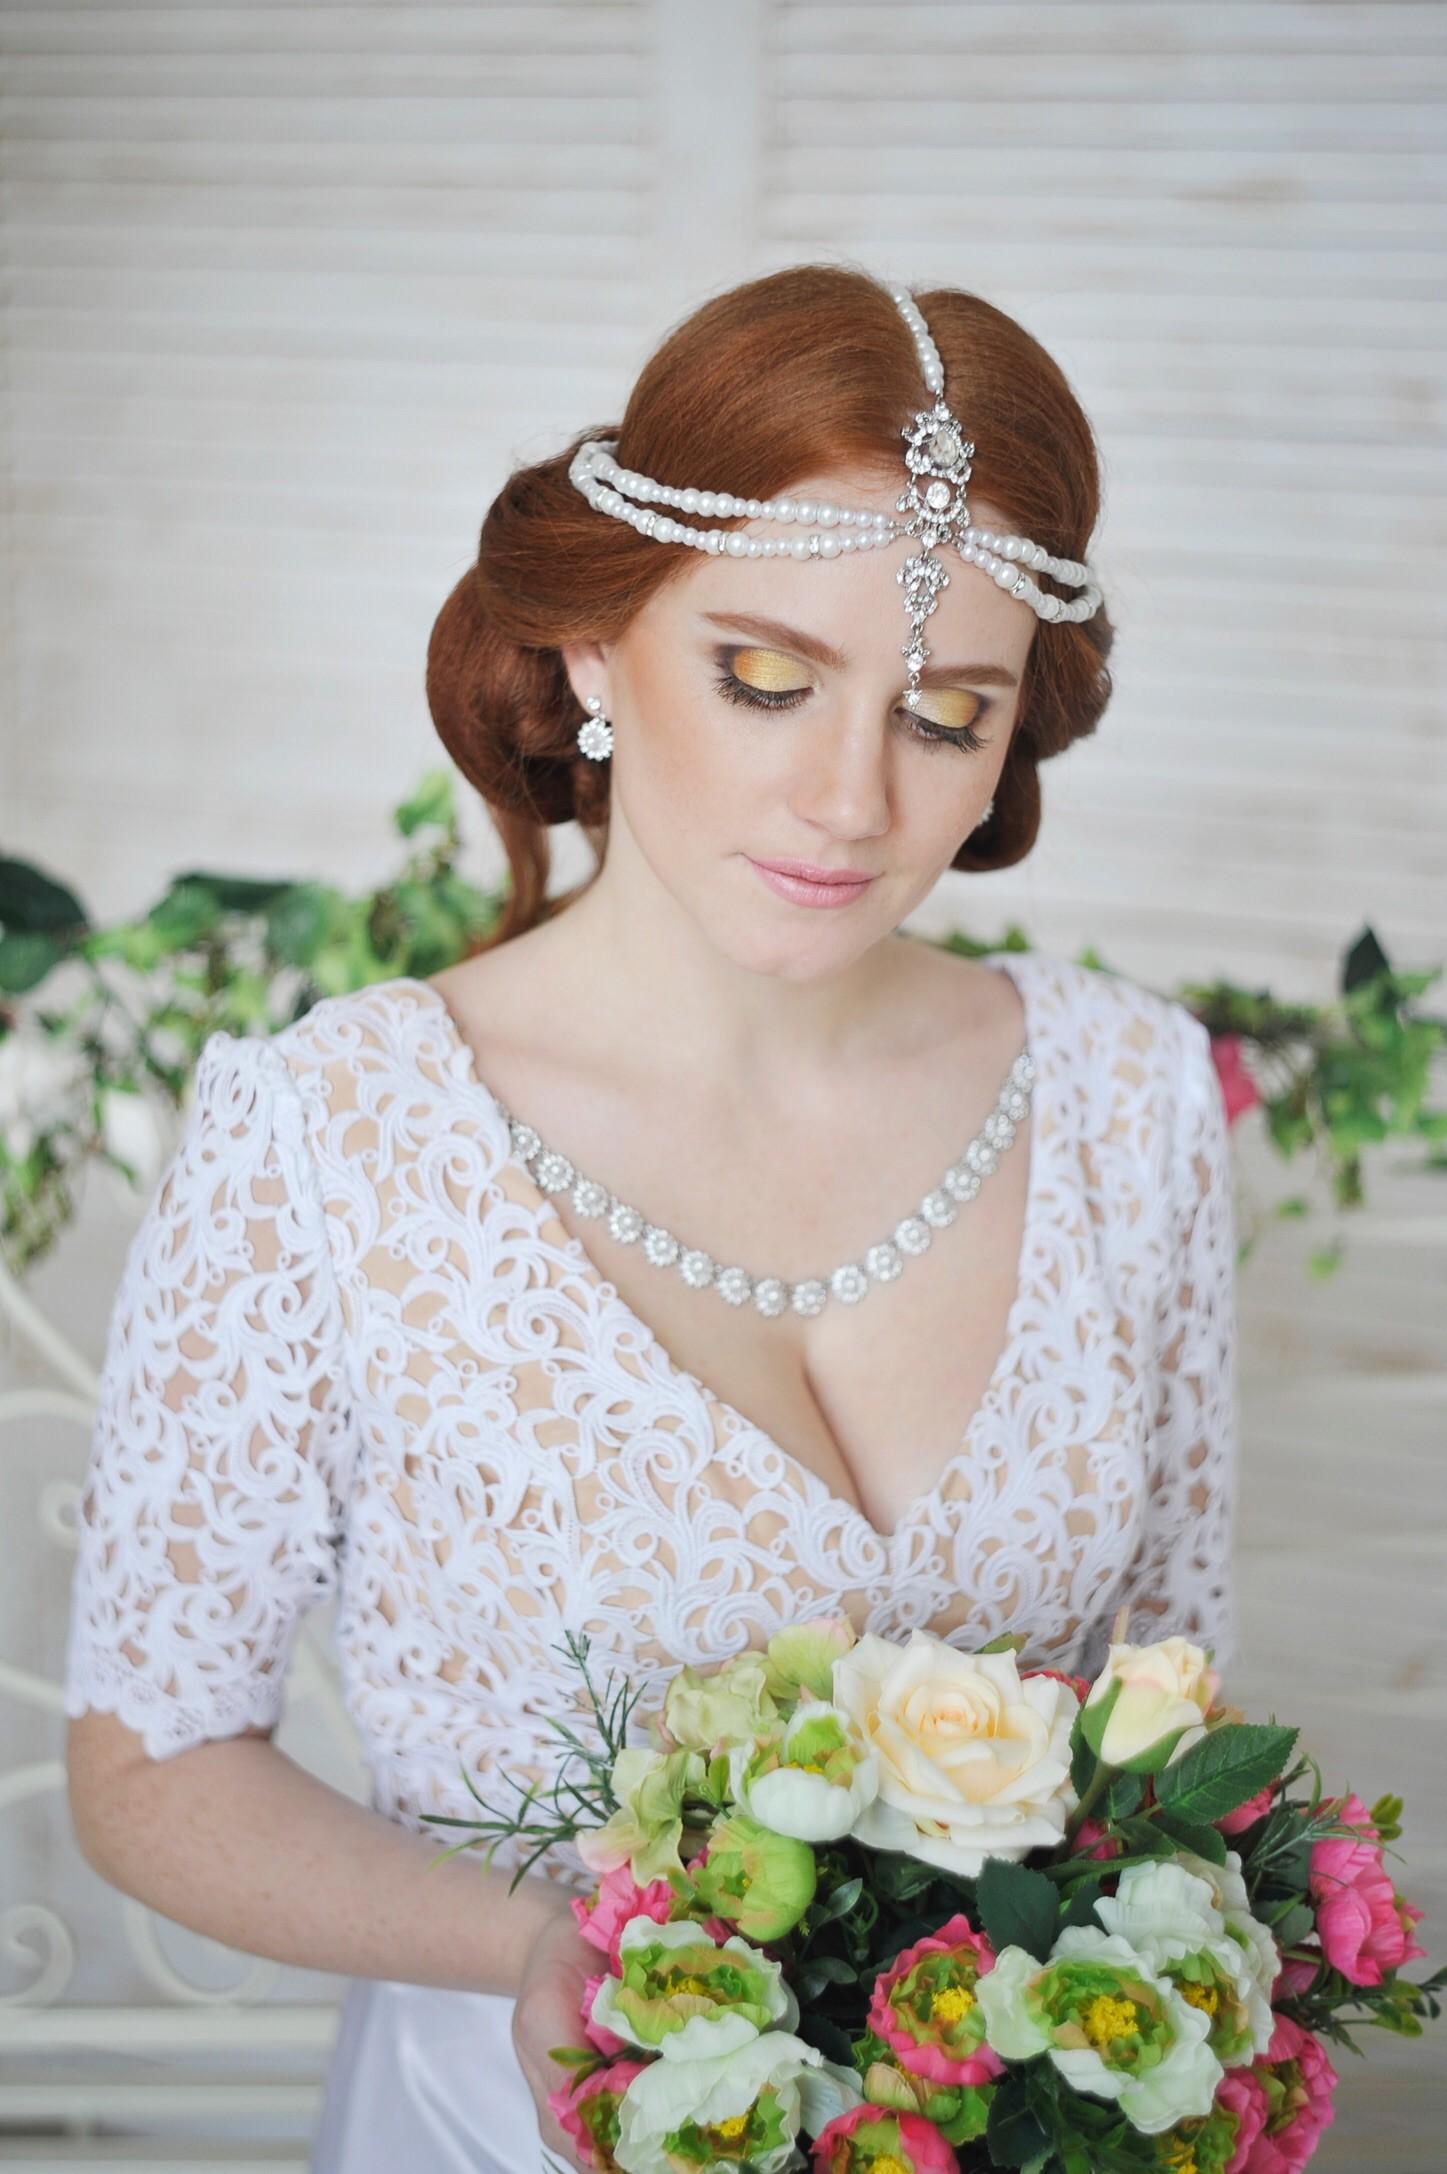 Прически свадебные фото екатеринбург